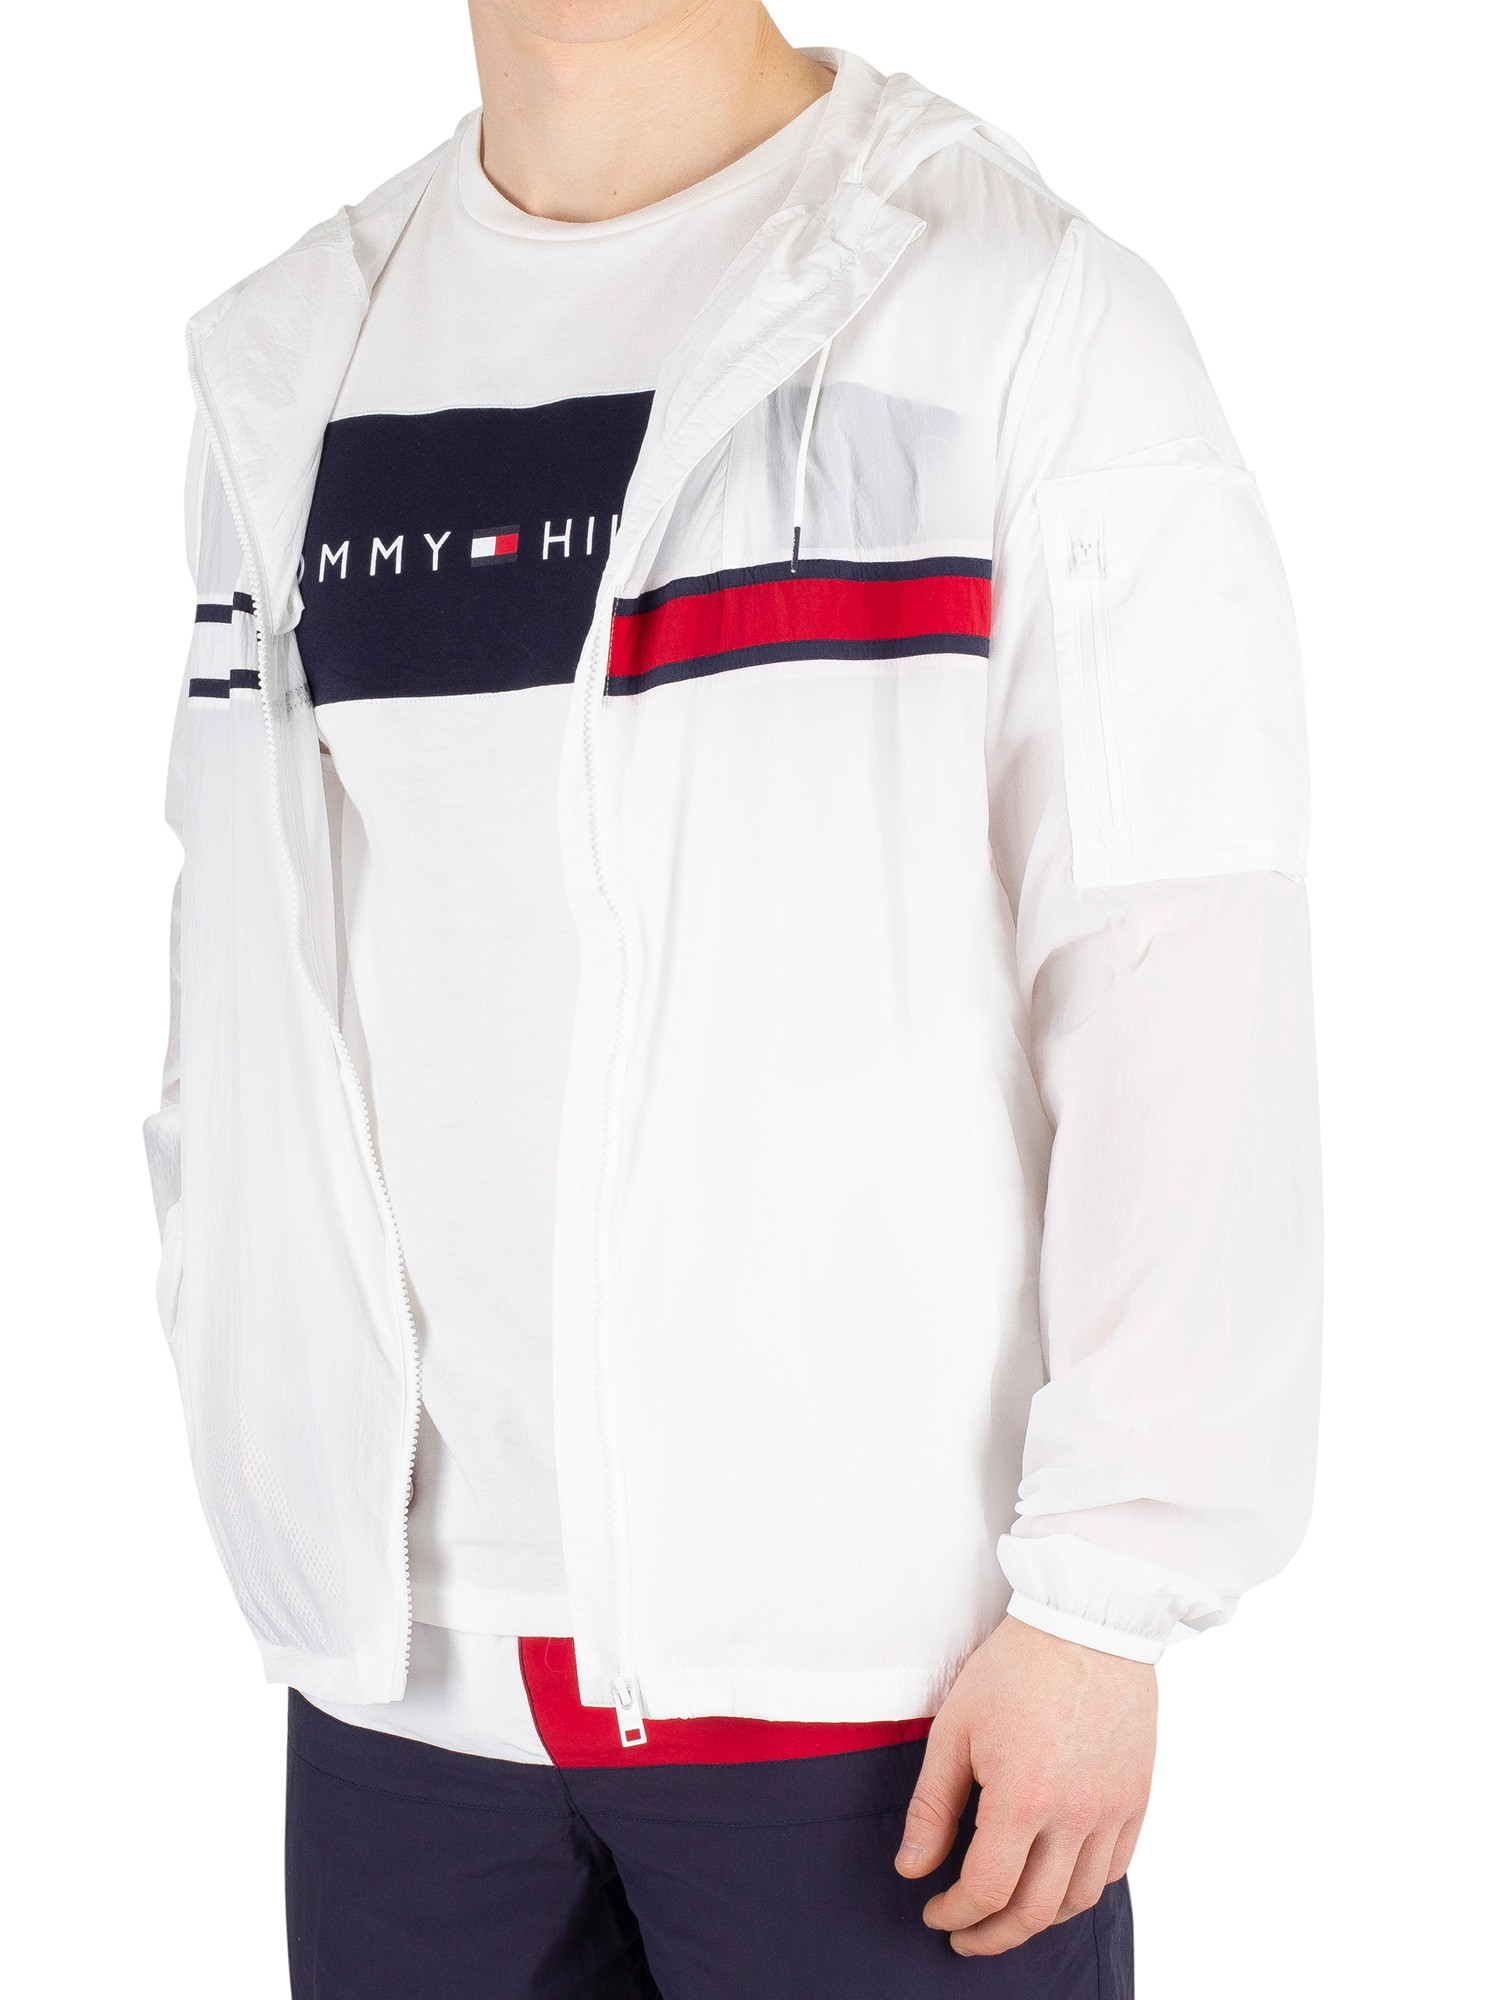 reich und großartig harmonische Farben Stufen von Details about Tommy Hilfiger Mens Wind Jacket, White- show original title